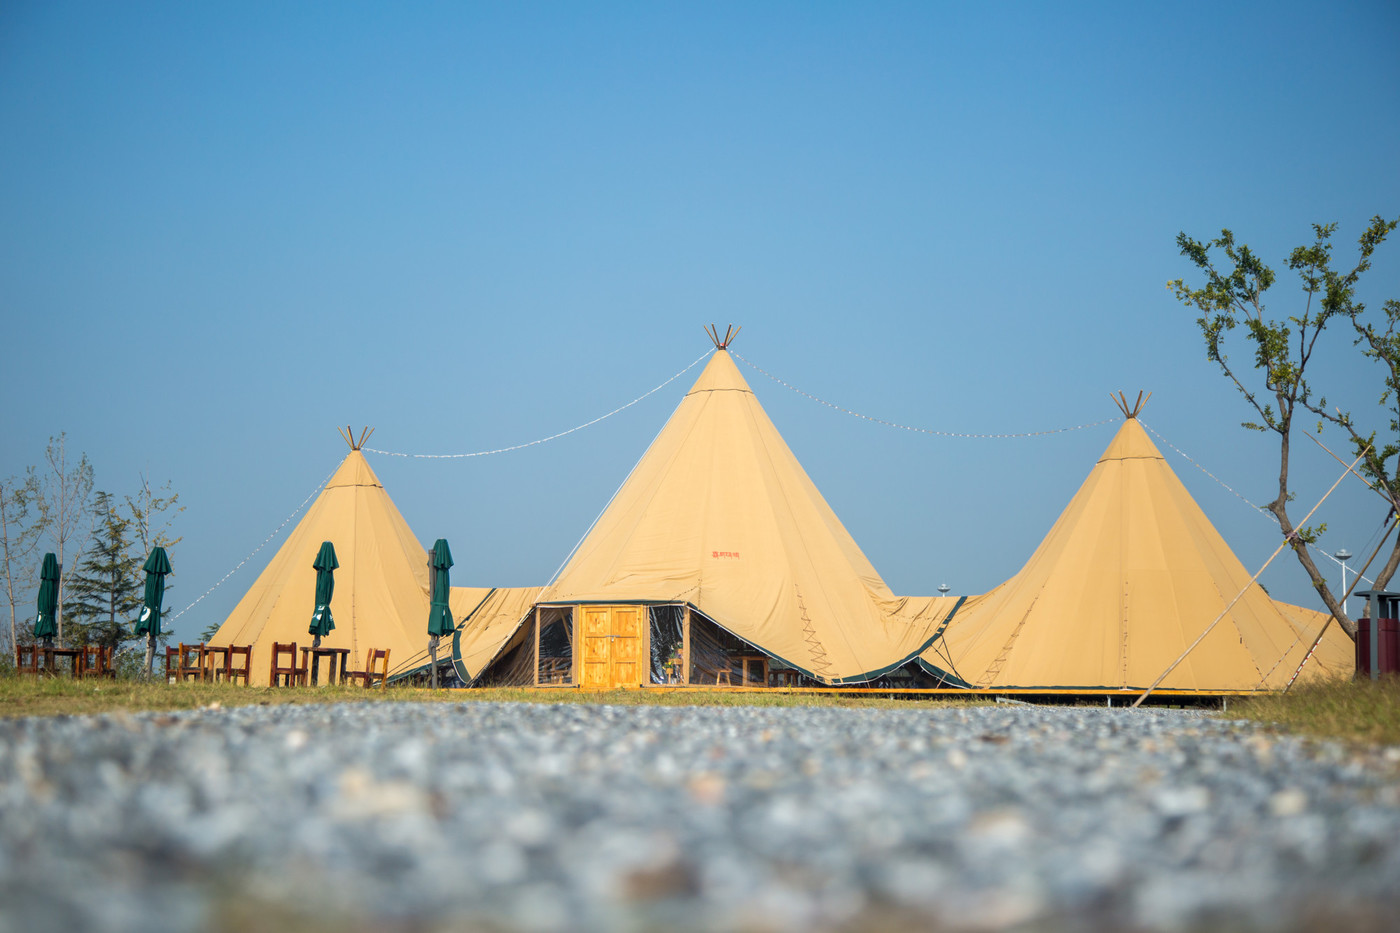 喜马拉雅印第安多功能大厅帐篷酒店5